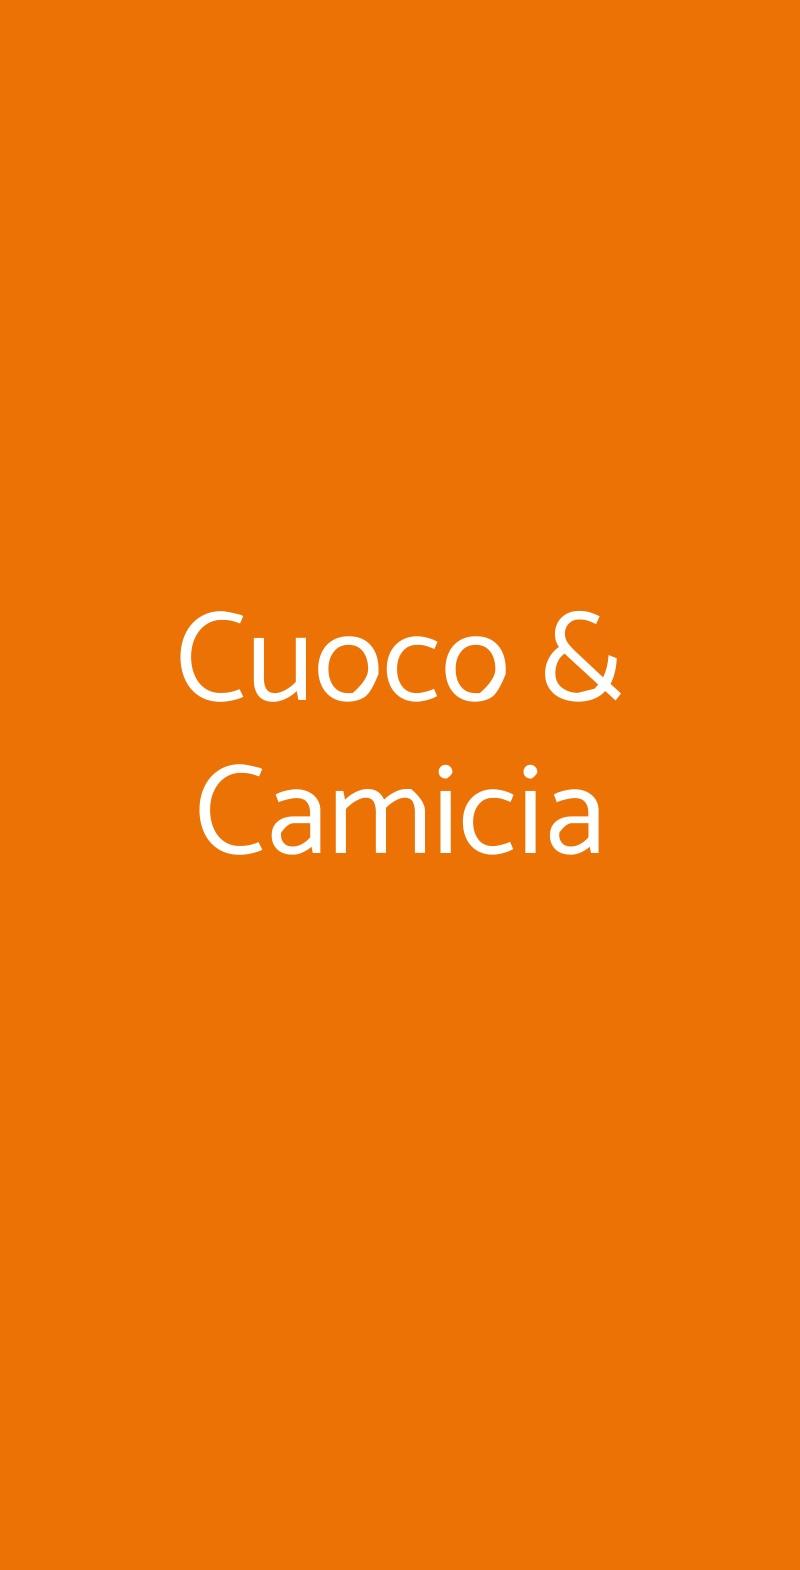 Cuoco & Camicia Roma menù 1 pagina